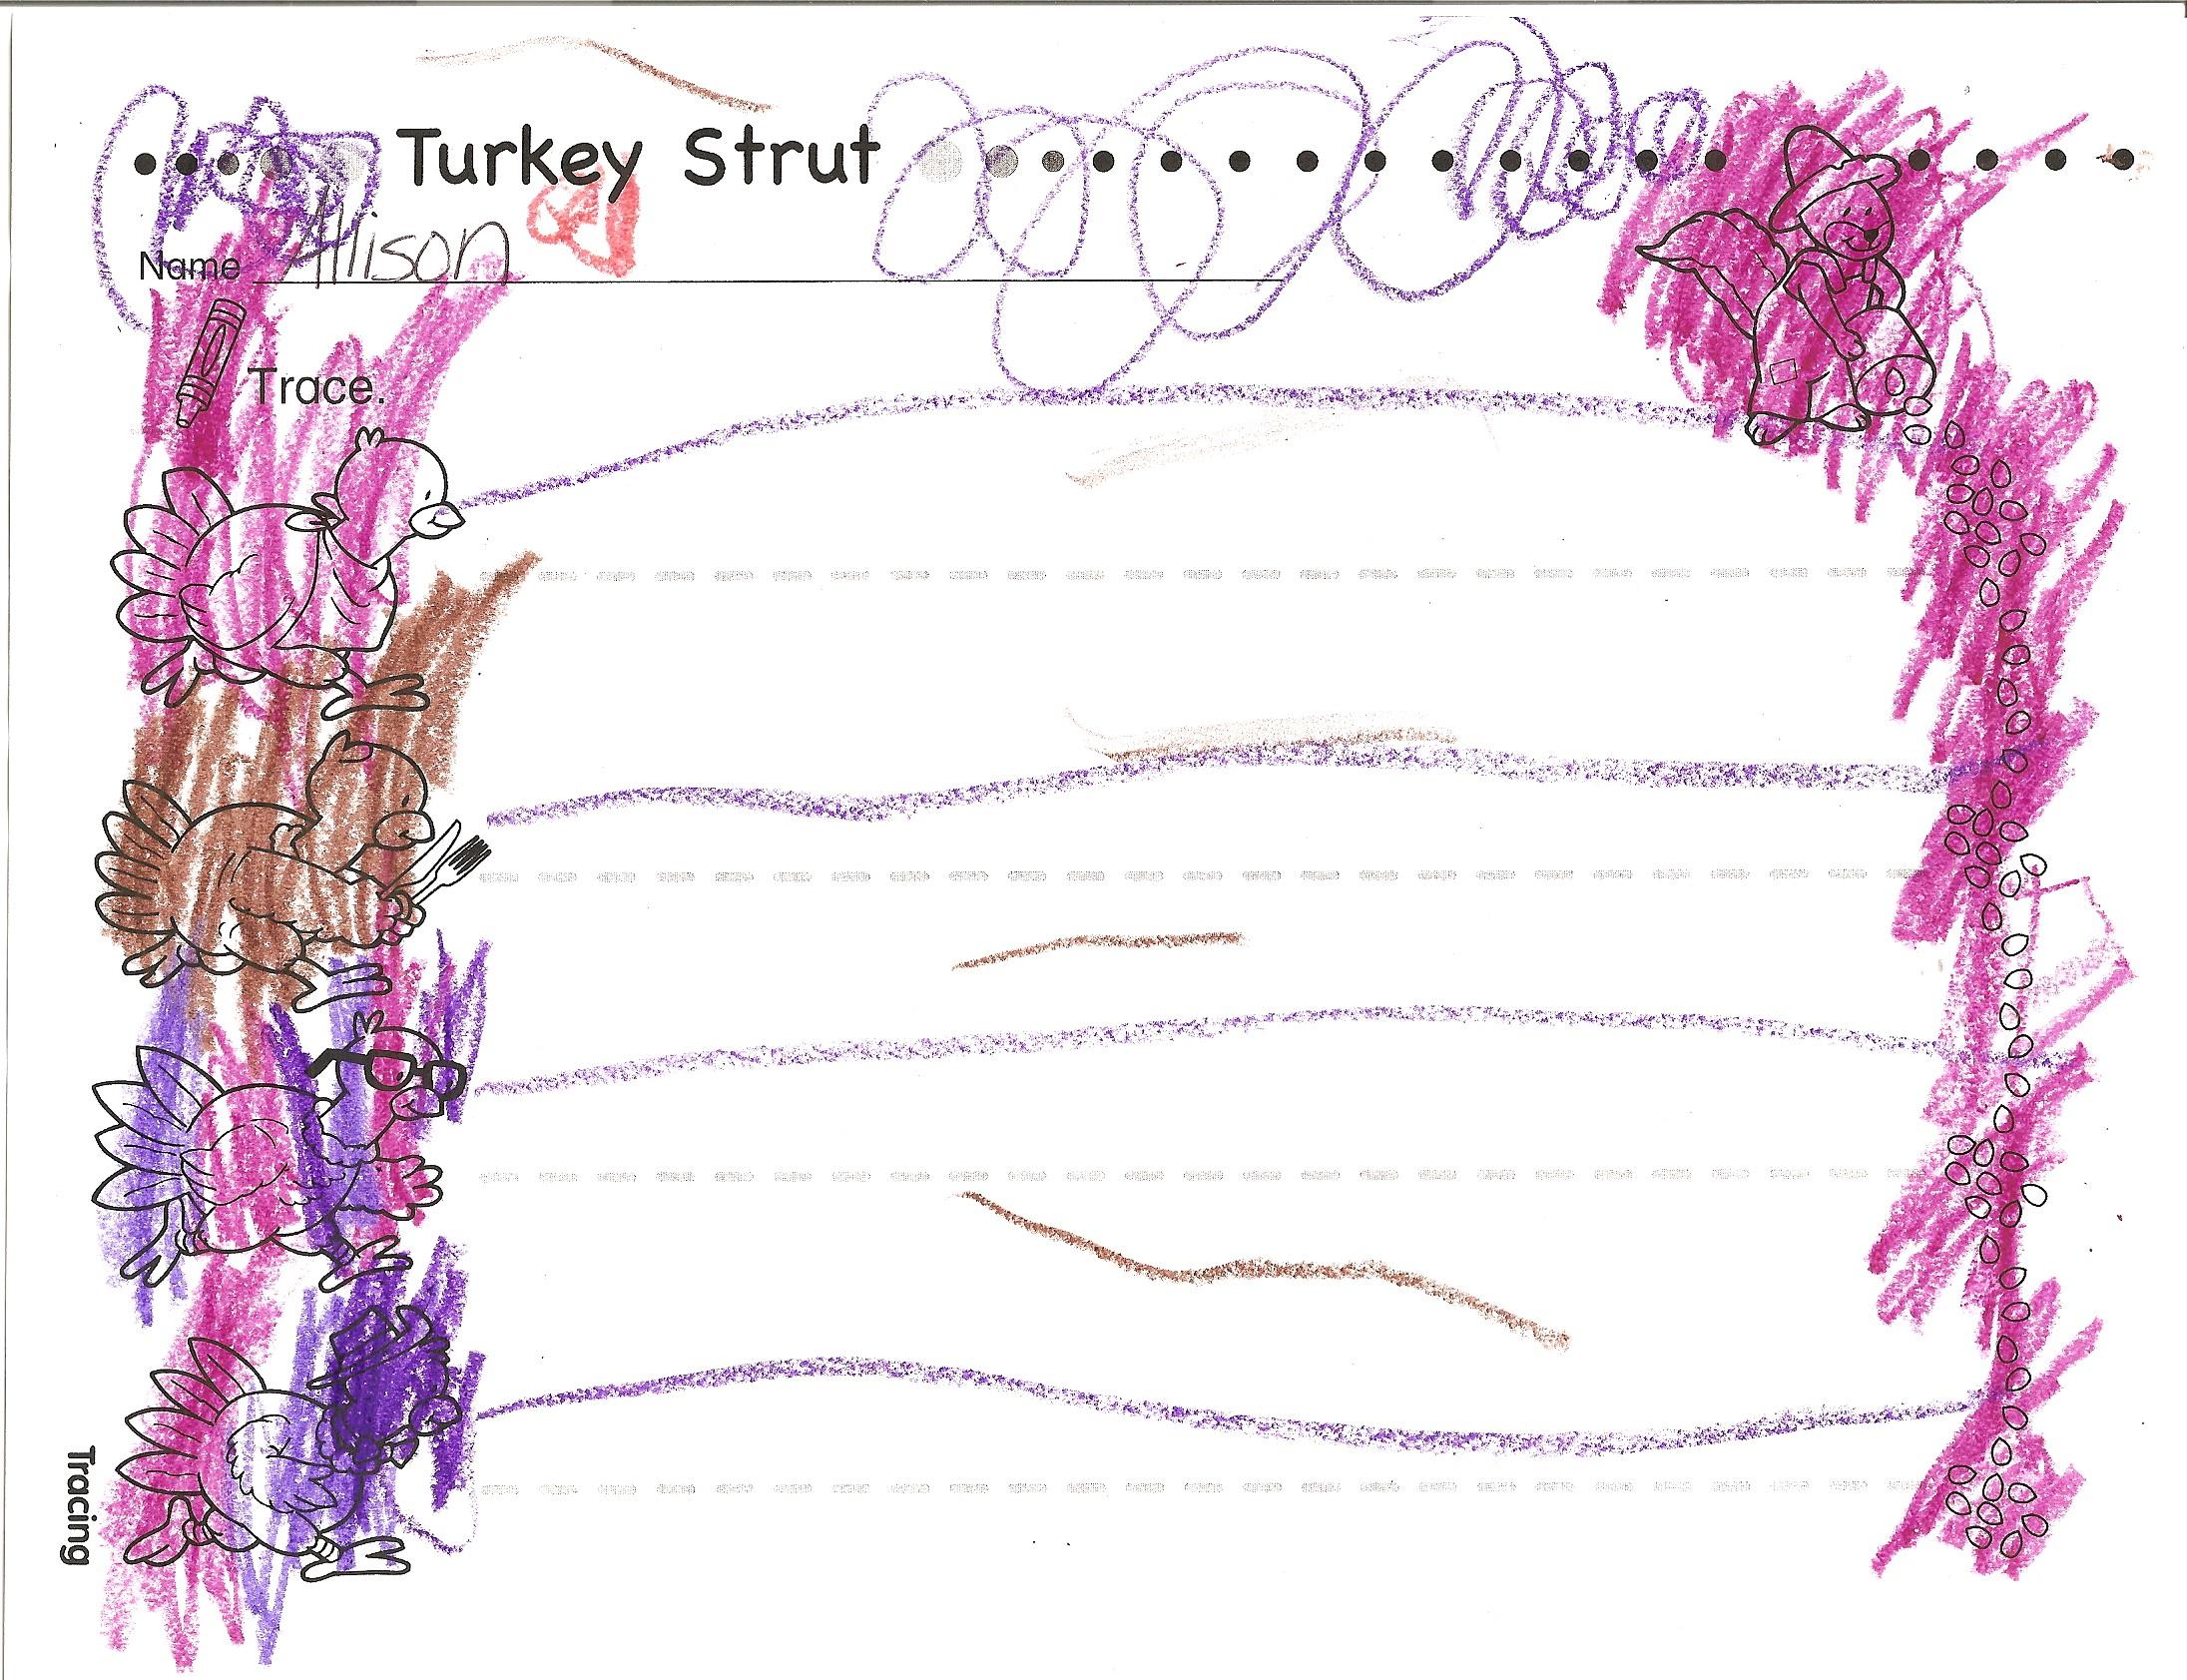 2008-11_turkey_strut_by_allison.jpg